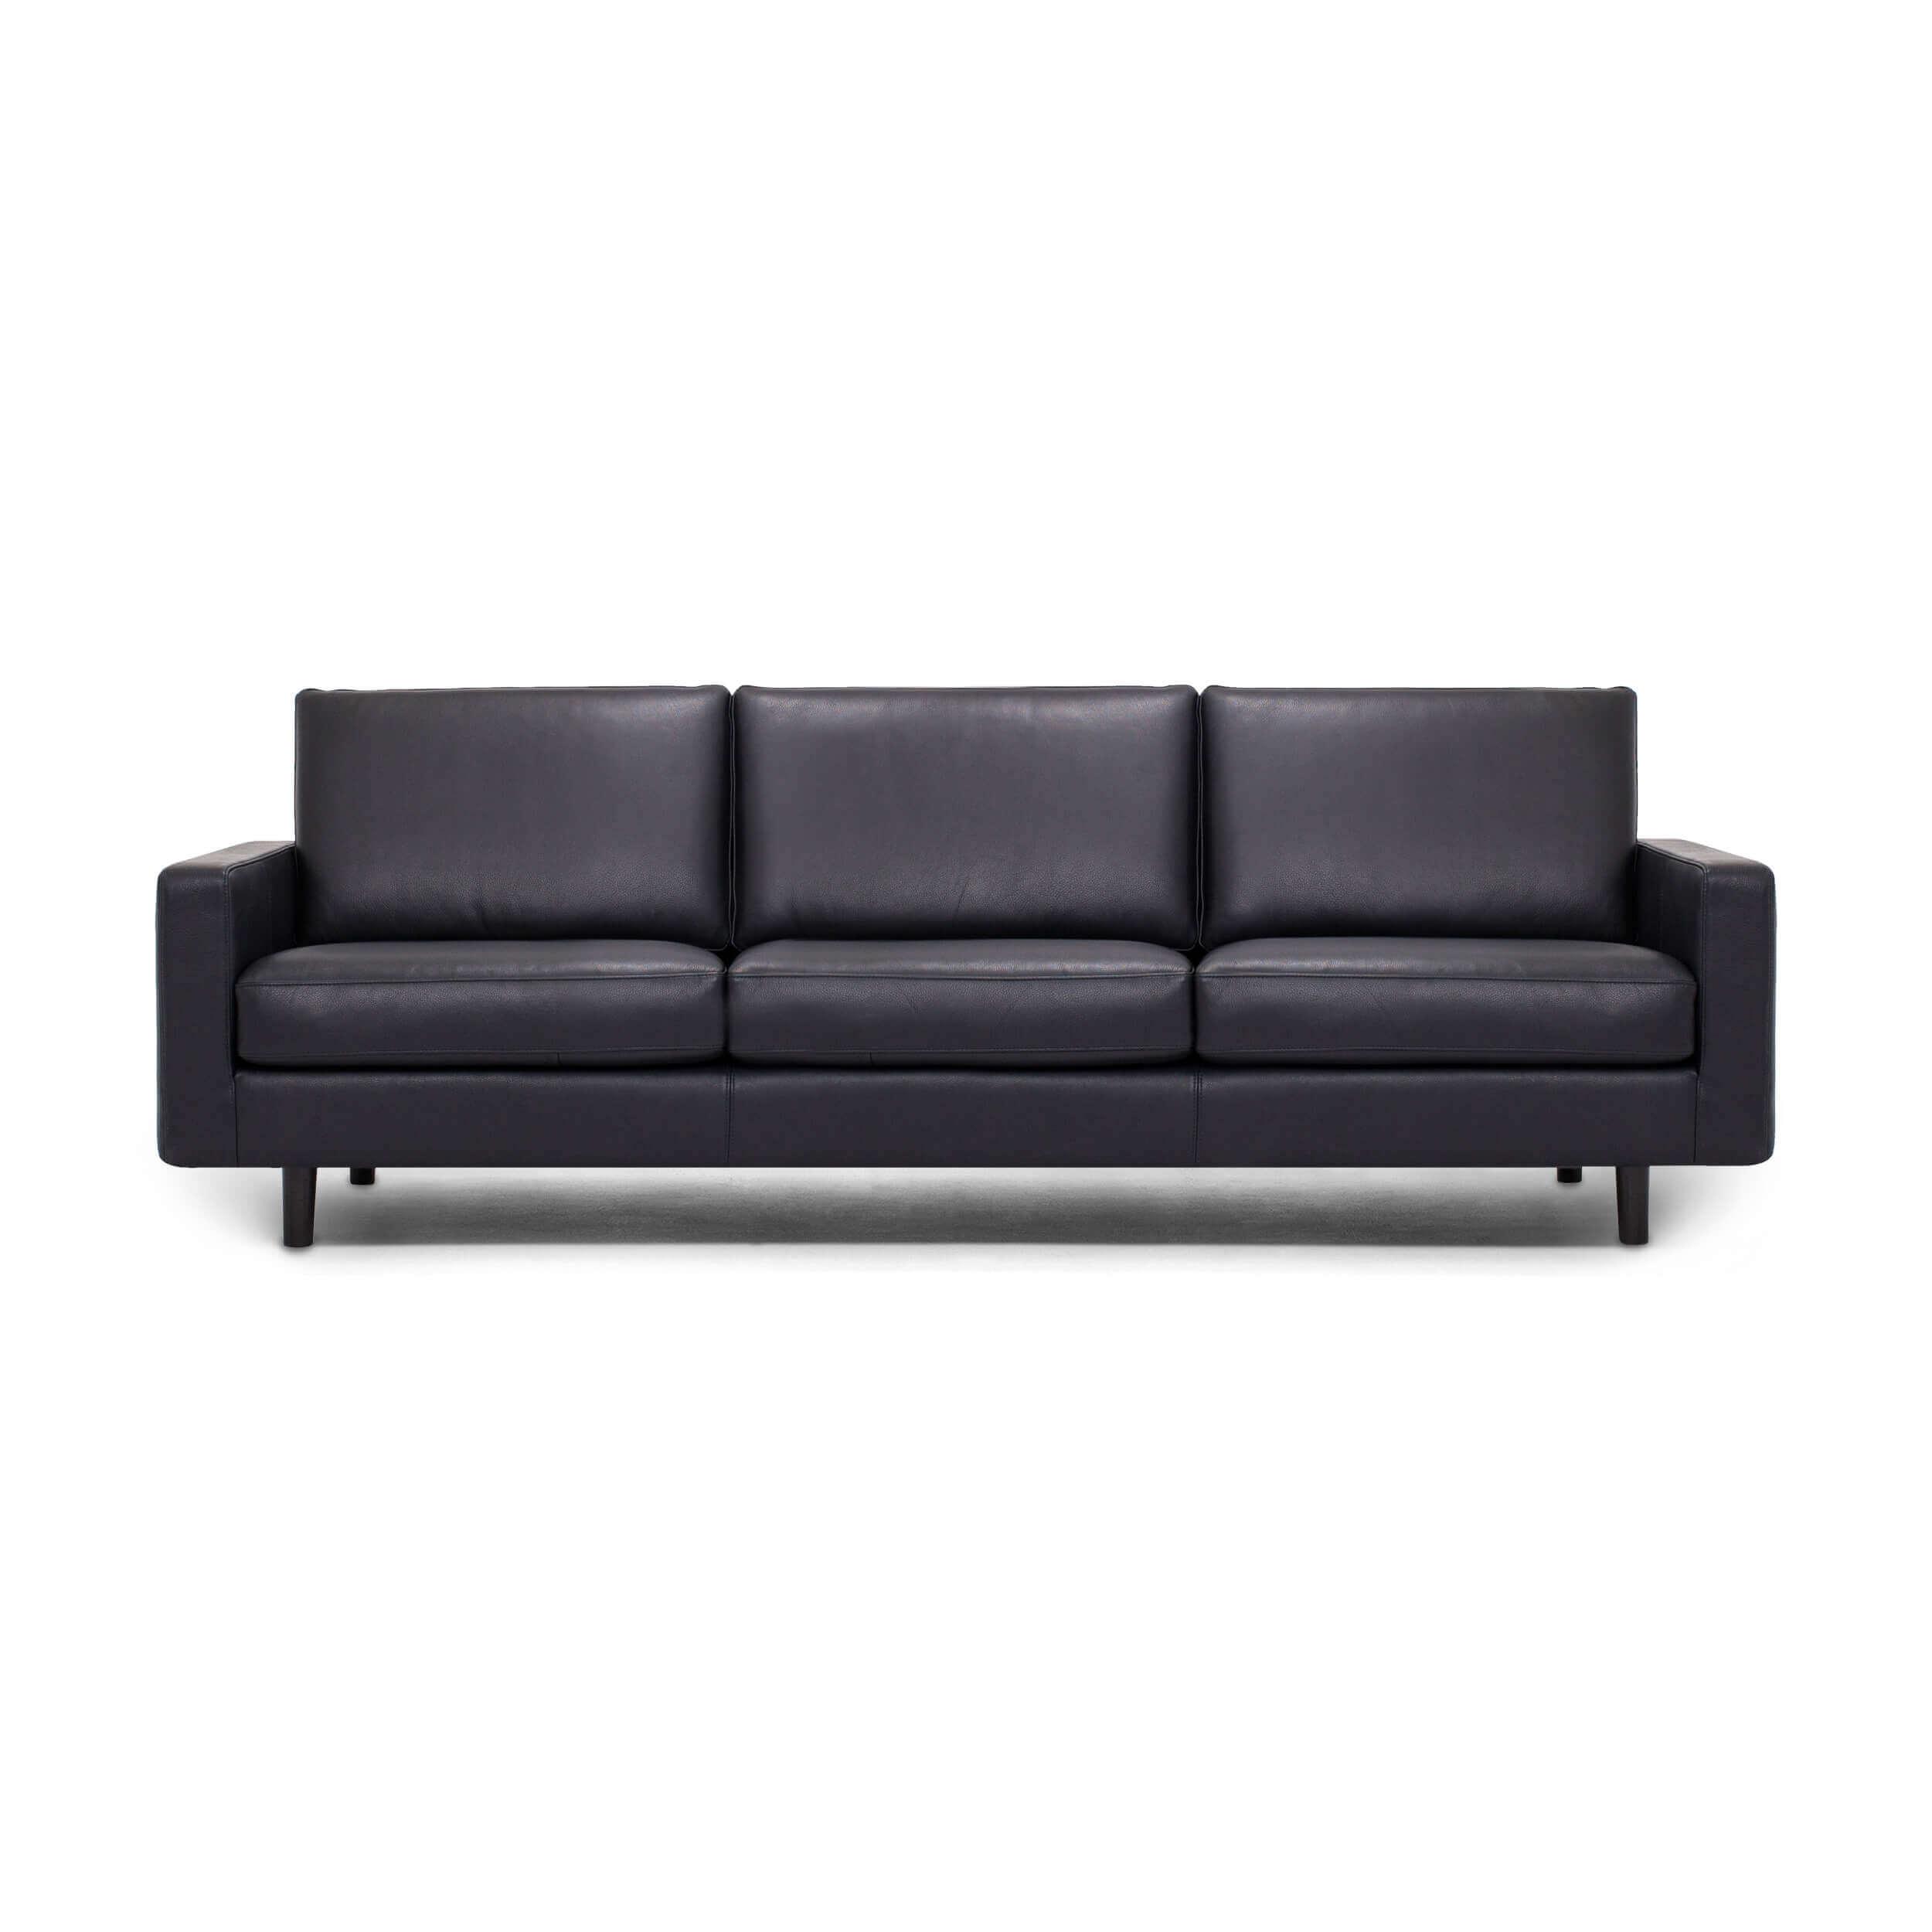 Astounding Oskar 93 Sofa Leather Evergreenethics Interior Chair Design Evergreenethicsorg